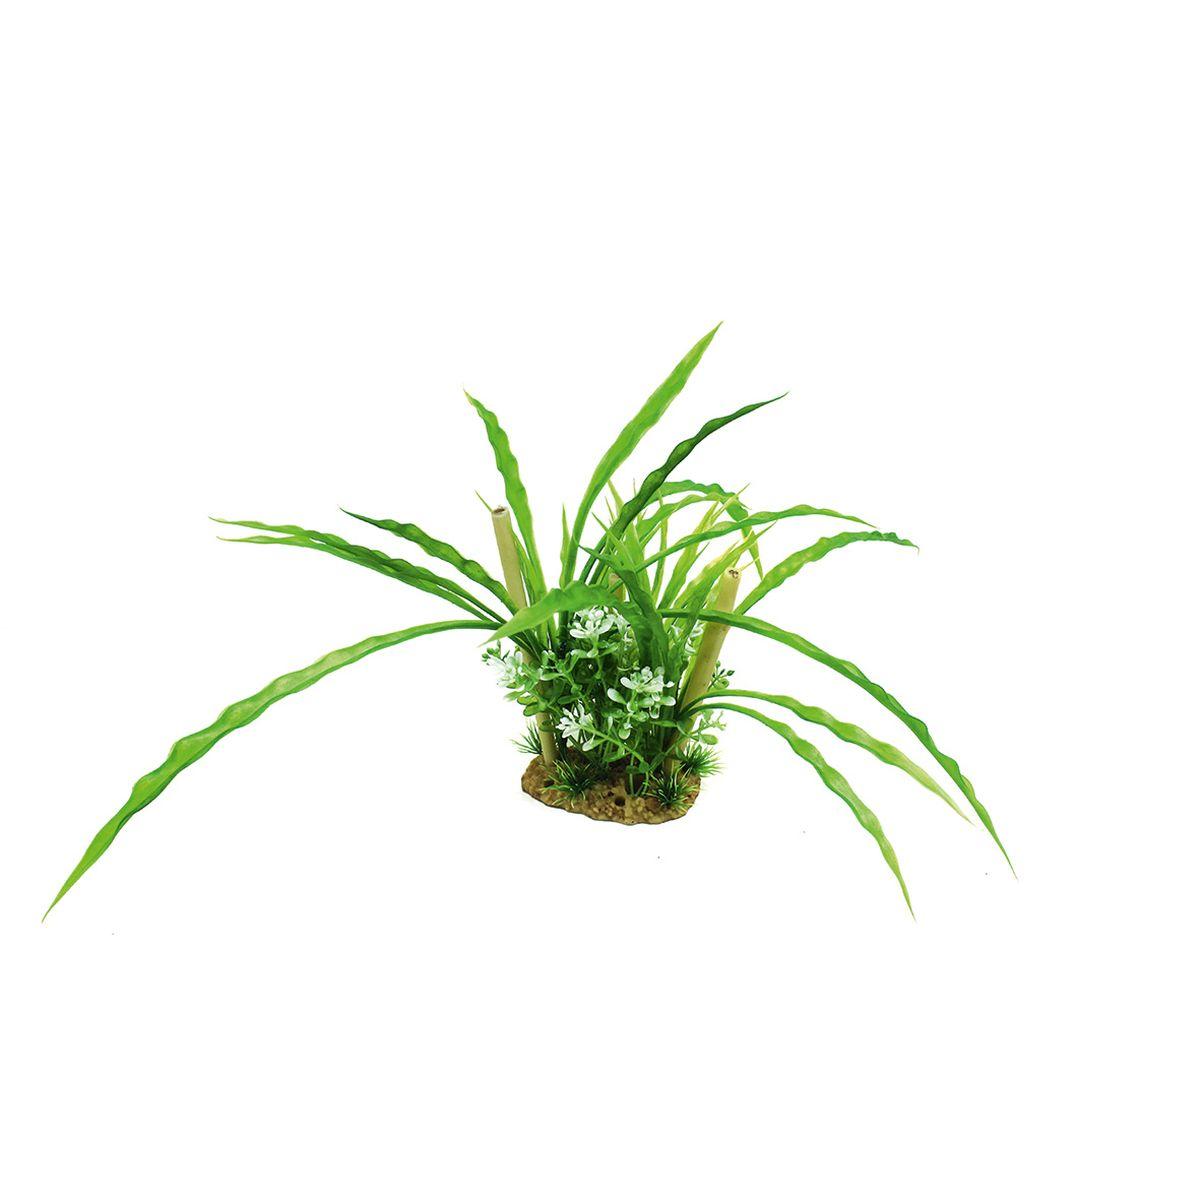 Композиция из растений для аквариума ArtUniq Криптокорина с бамбуком, высота 20 см0120710Композиция из искусственных растений ArtUniq превосходно украсит и оживит аквариум.Растения - это важная часть любой композиции, они помогут вдохнуть жизнь в ландшафт любого аквариума или террариума.Композиция является точной копией природного растения.